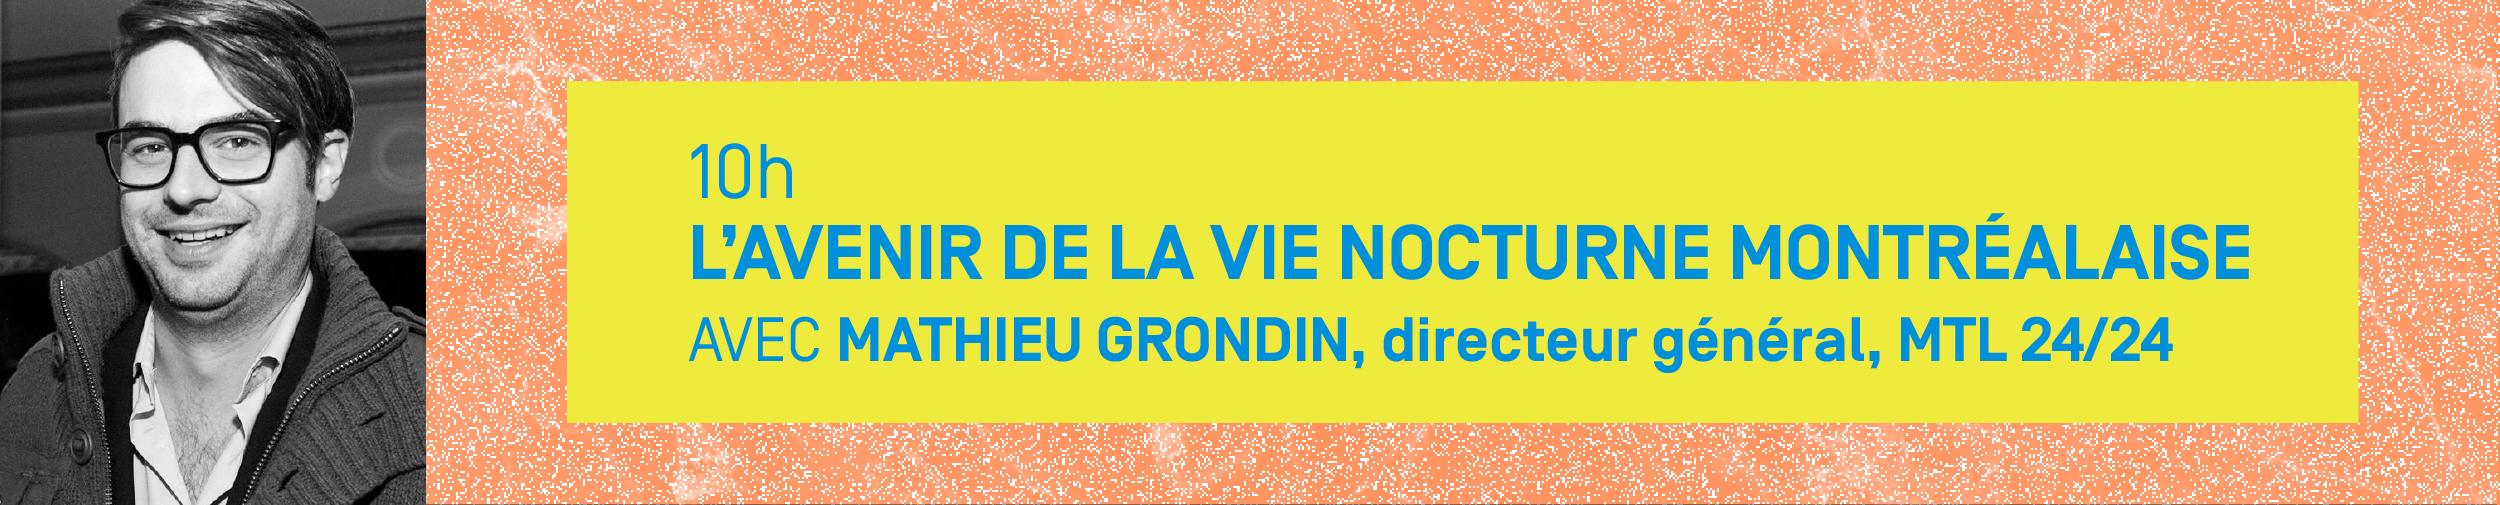 10h – L'AVENIR DE LA VIE NOCTURNE MONTRÉALAISE Avec MATHIEU GRONDIN, directeur général, MTL 24/24